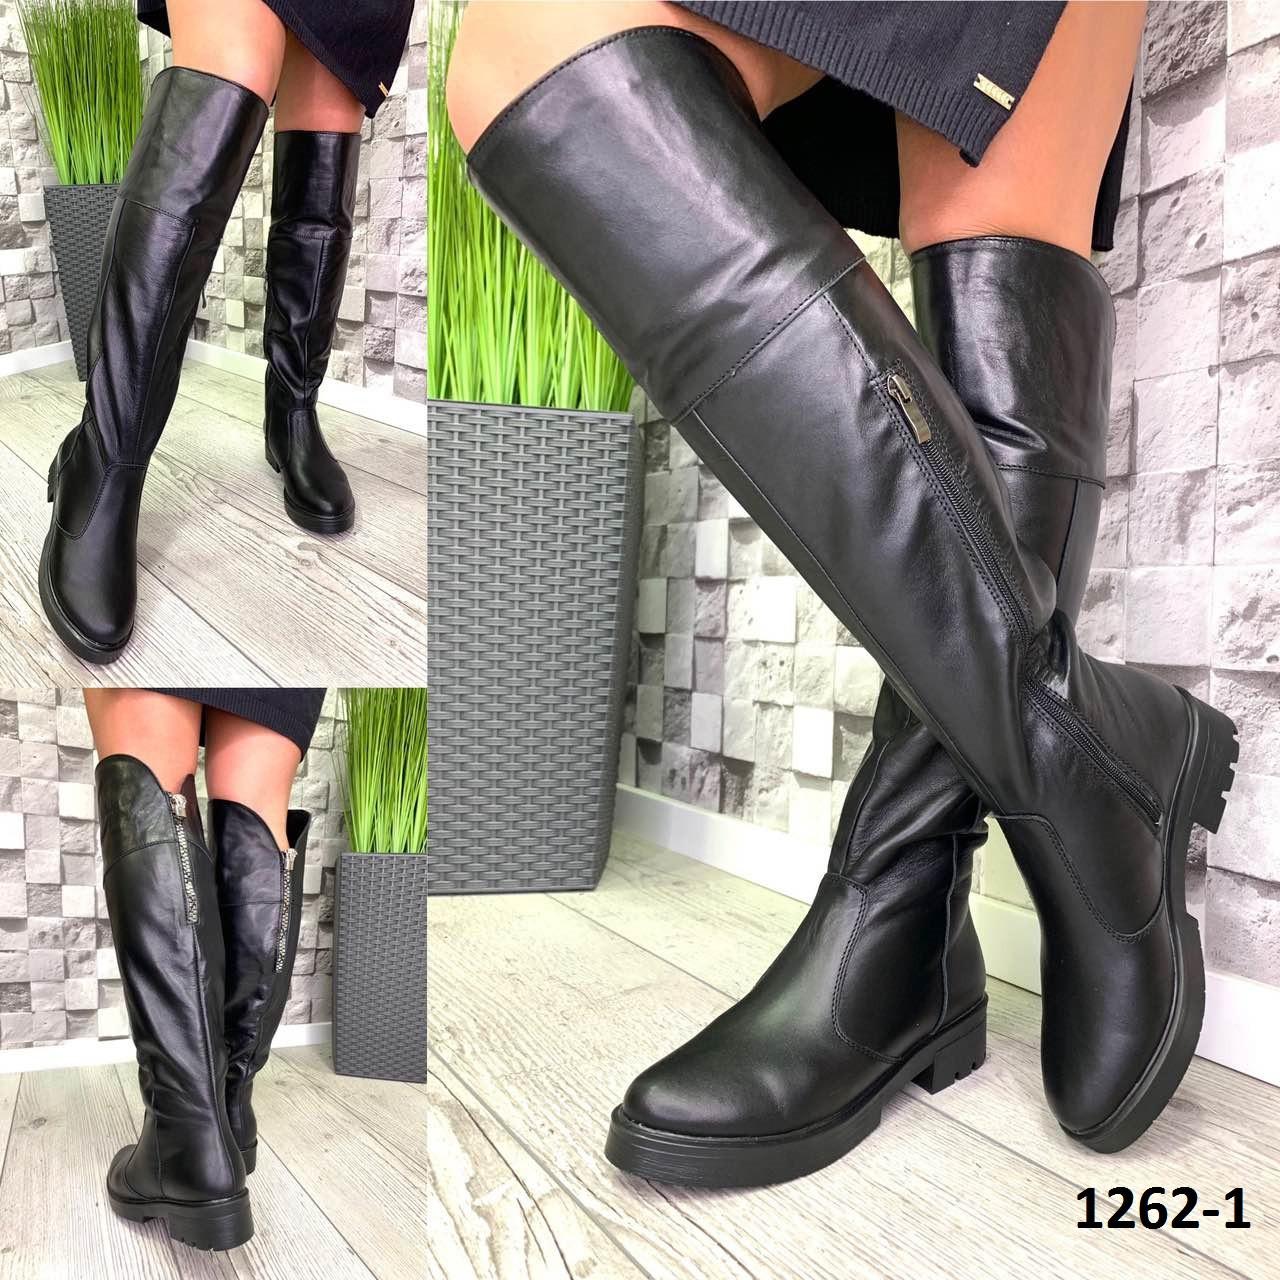 Ботфорты женские зимние кожаные черные на широкую голень без каблука